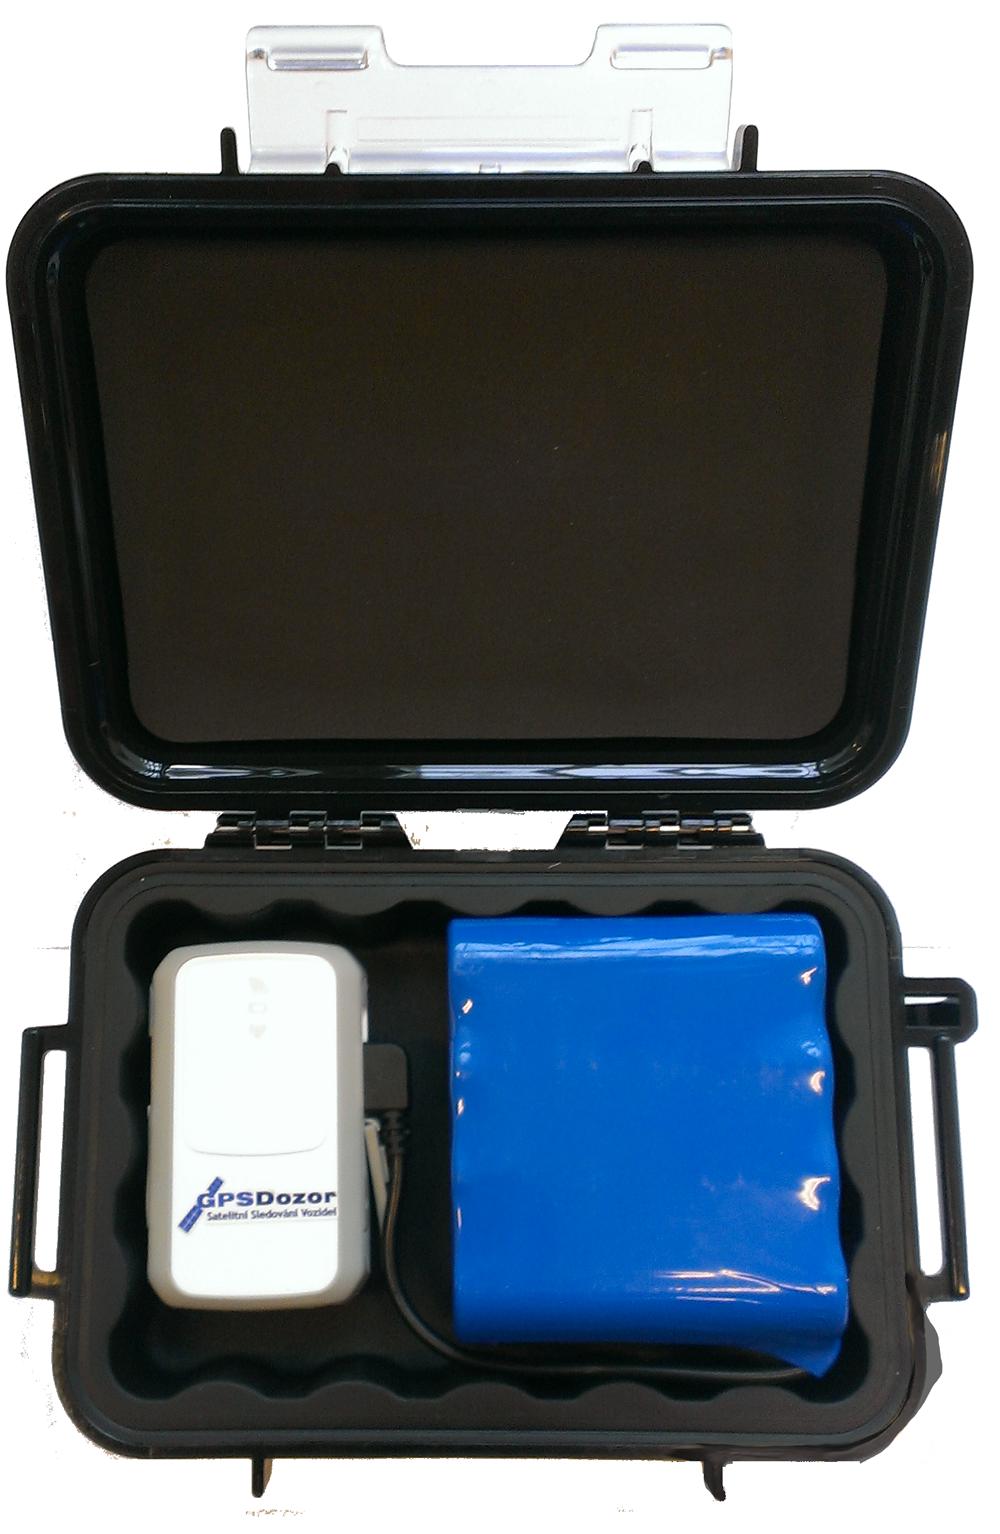 GPS Dozor Tracker s odolným kufříkem